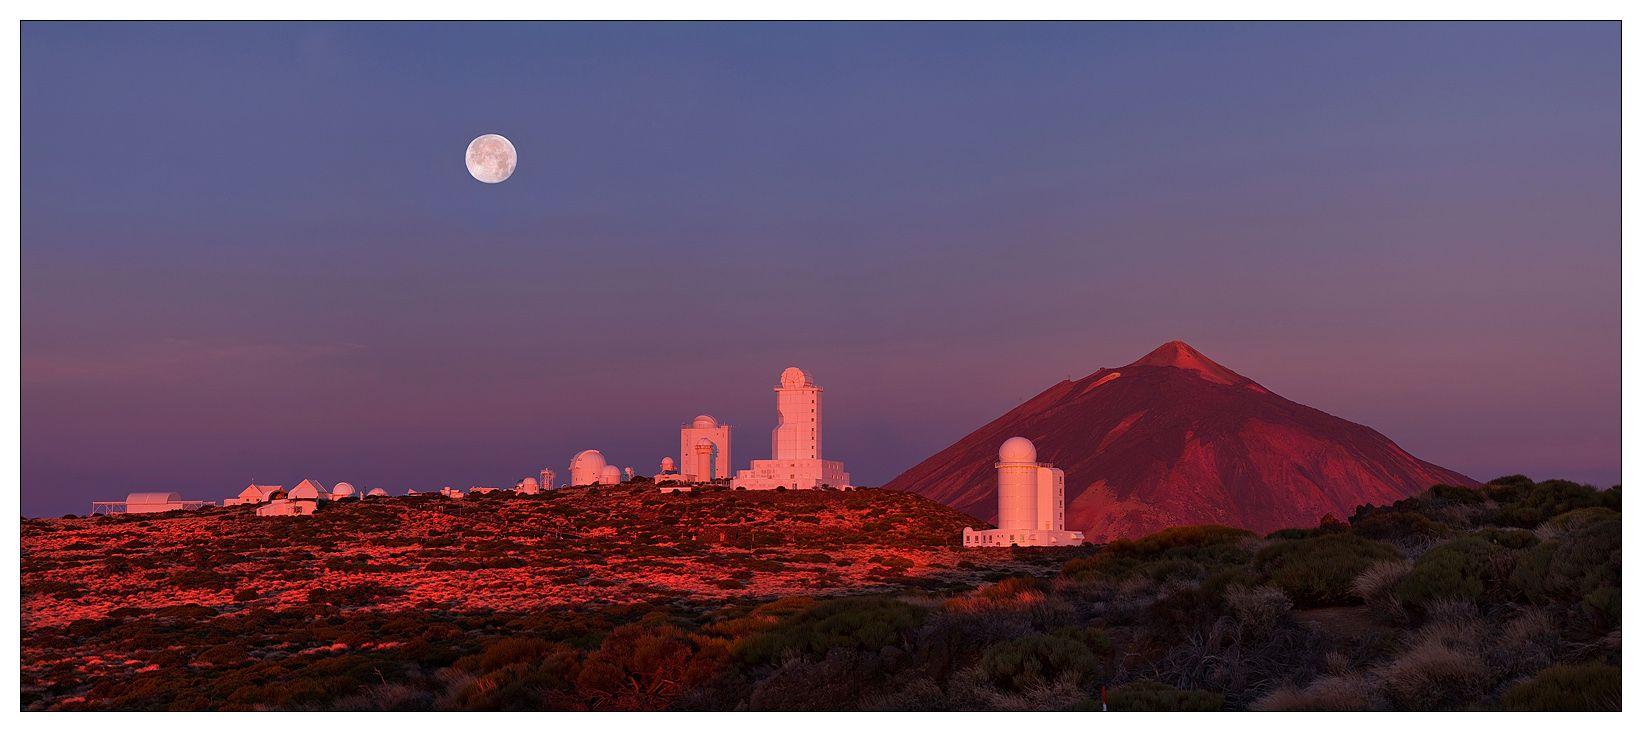 Обсерватория Тейде — астрономическая обсерватория, основанная в 1964 году на острове Тенерифе, Канарские острова, Испания. Является одной из первых международных обсерваторий в мире, в которой были установлены телескопы разными странами (19 стран на данный момент), так как в данной местности отличные астроклиматические условия. Обсерватория Тейде считается одной из крупнейших обсерваторий мира. Вокруг вершины вулкана, ниже обсерватории, почти всегда пояс из облаков. В момент восхода солнца, свет идет снизу и на 3-5 минут вершина вулкана и обсерватория освещается удивительным пурпурным светом...